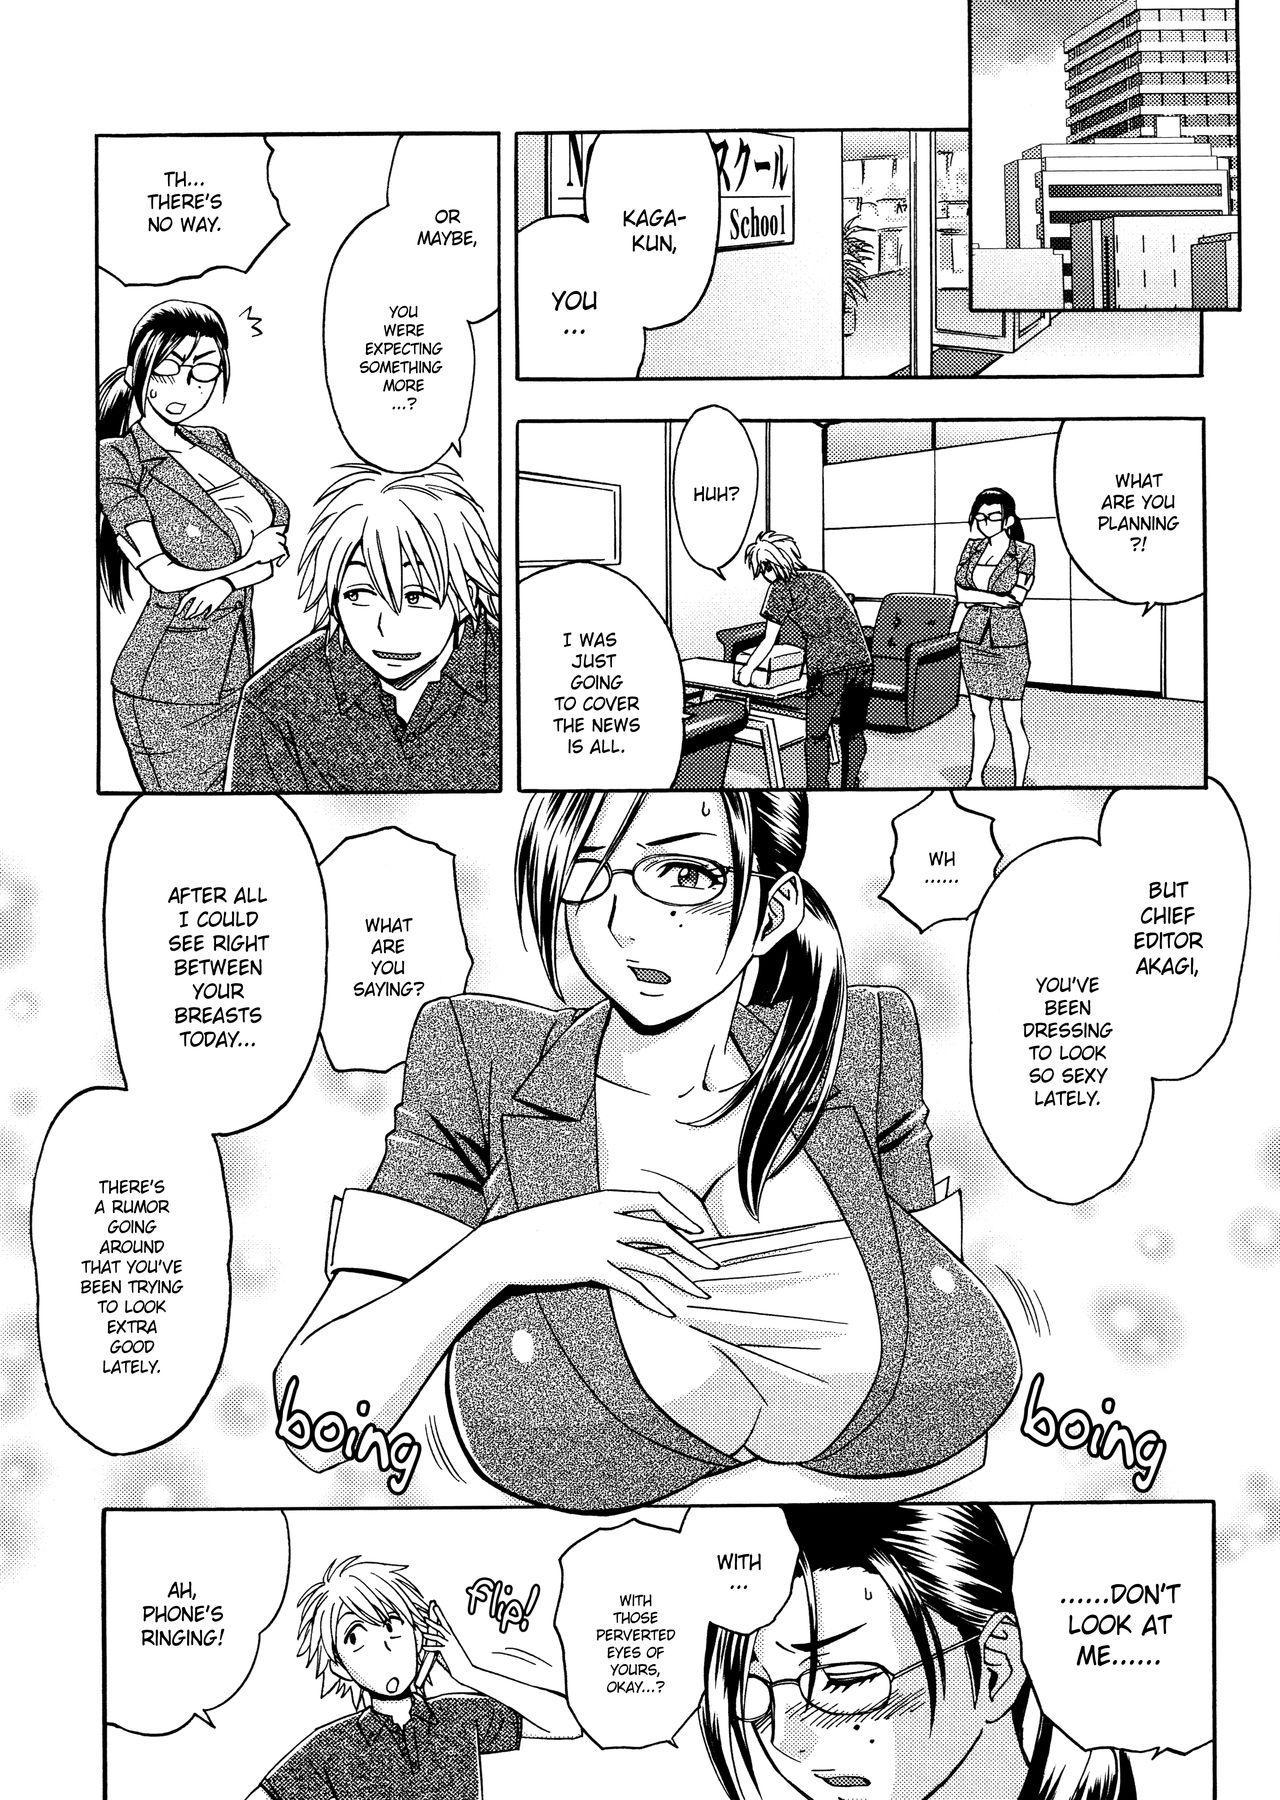 [Tatsunami Youtoku, Yamazaki Masato] Bijin Henshuu-chou no Himitsu | Beautiful Editor-in-Chief's Secret Ch. 1-3 [English] [Forbiddenfetish77, Red Vodka] [Decensored] 28